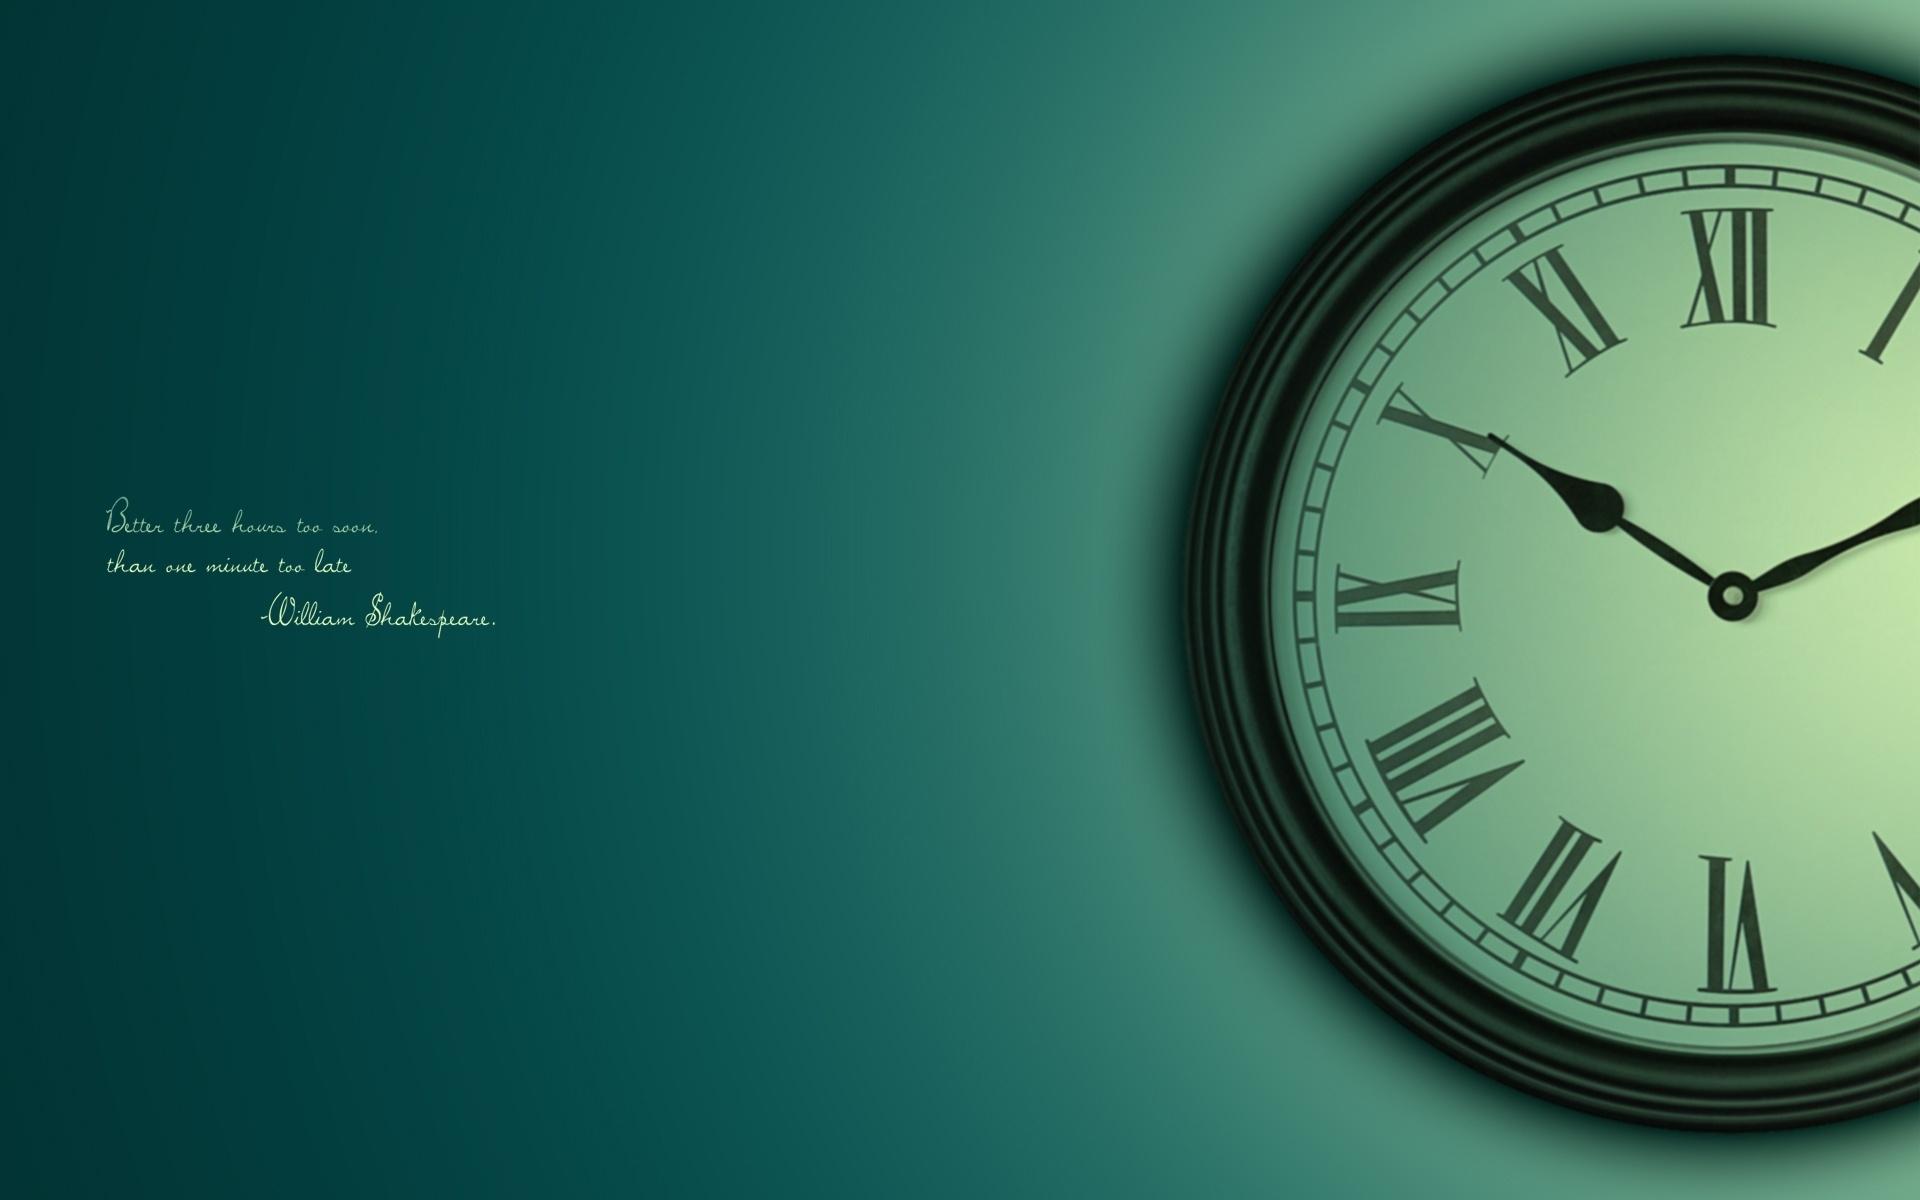 Wallpaper Clock Time Dial Saying Sage 1920x1200